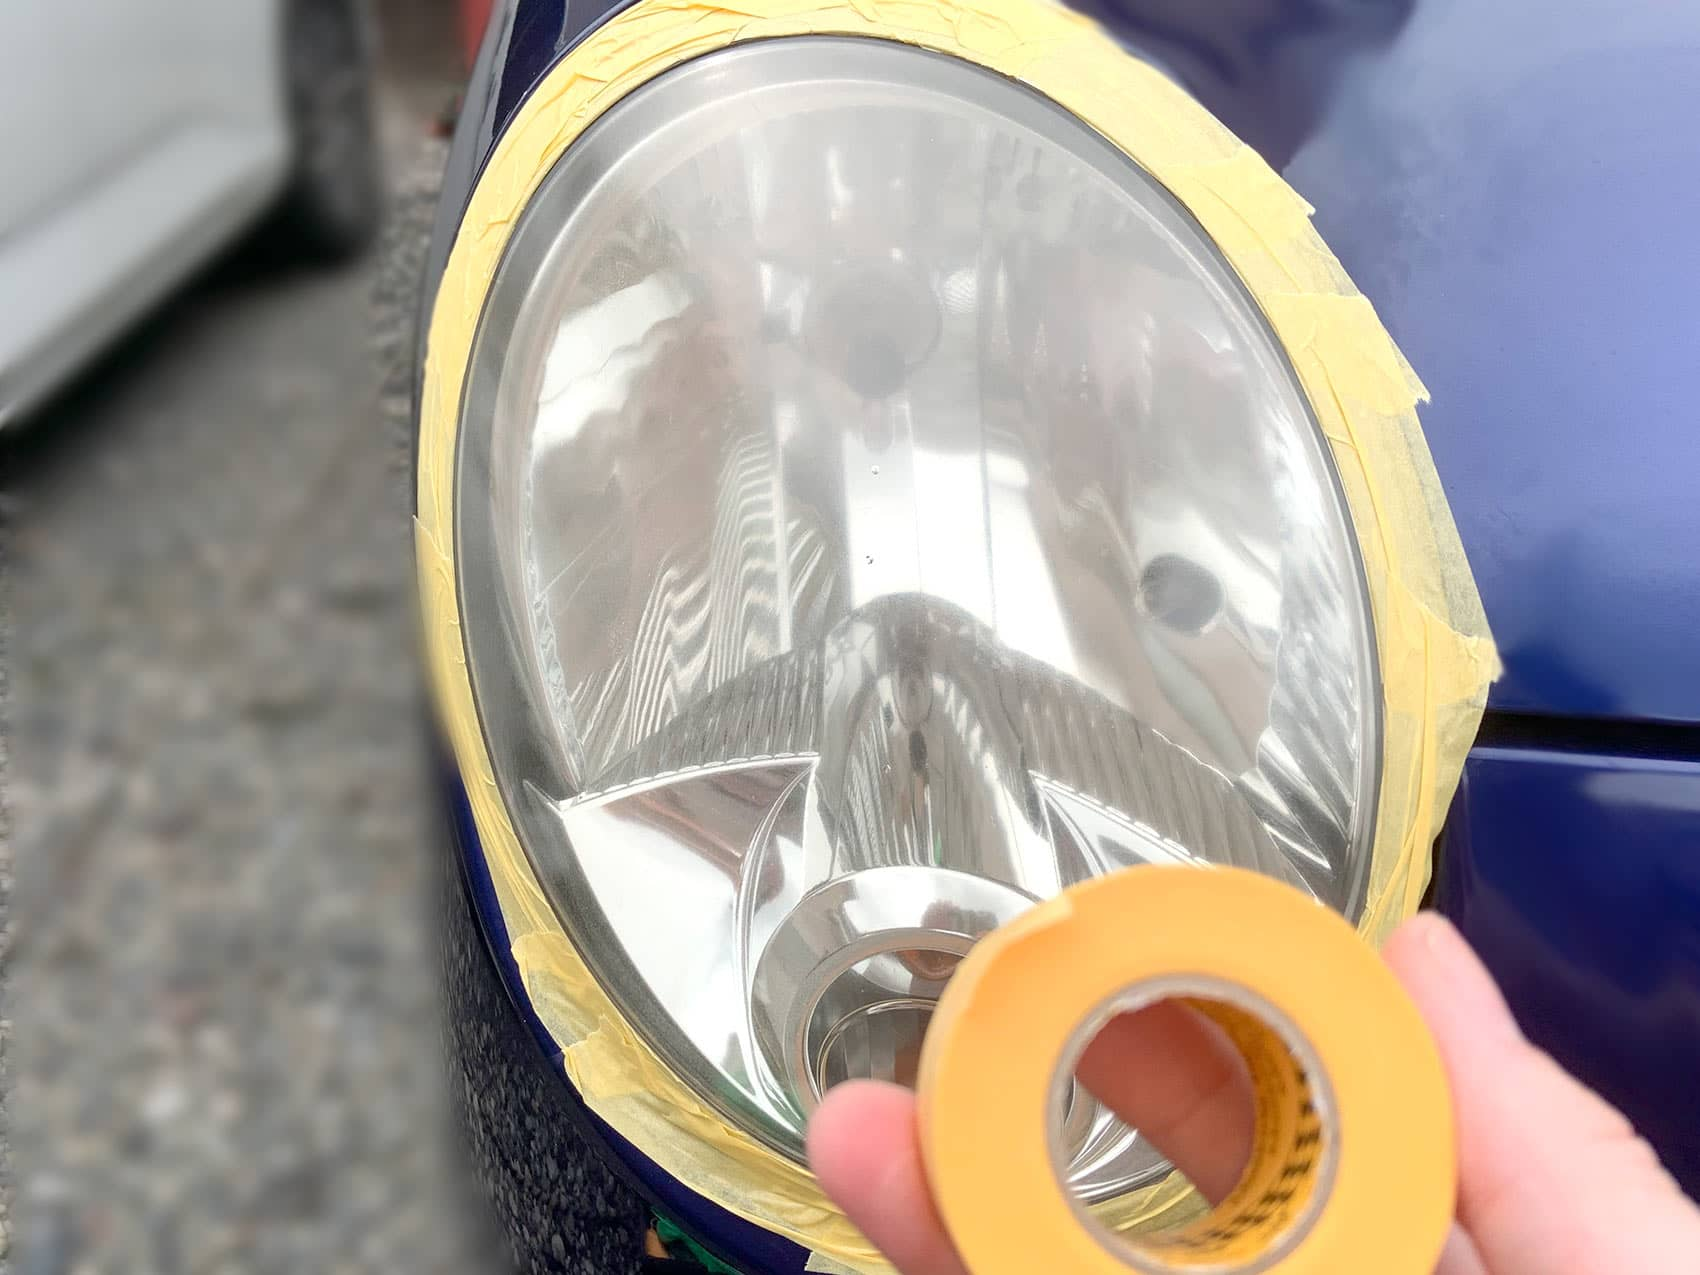 ヘッドライト周辺にマスキングテープを貼っていく